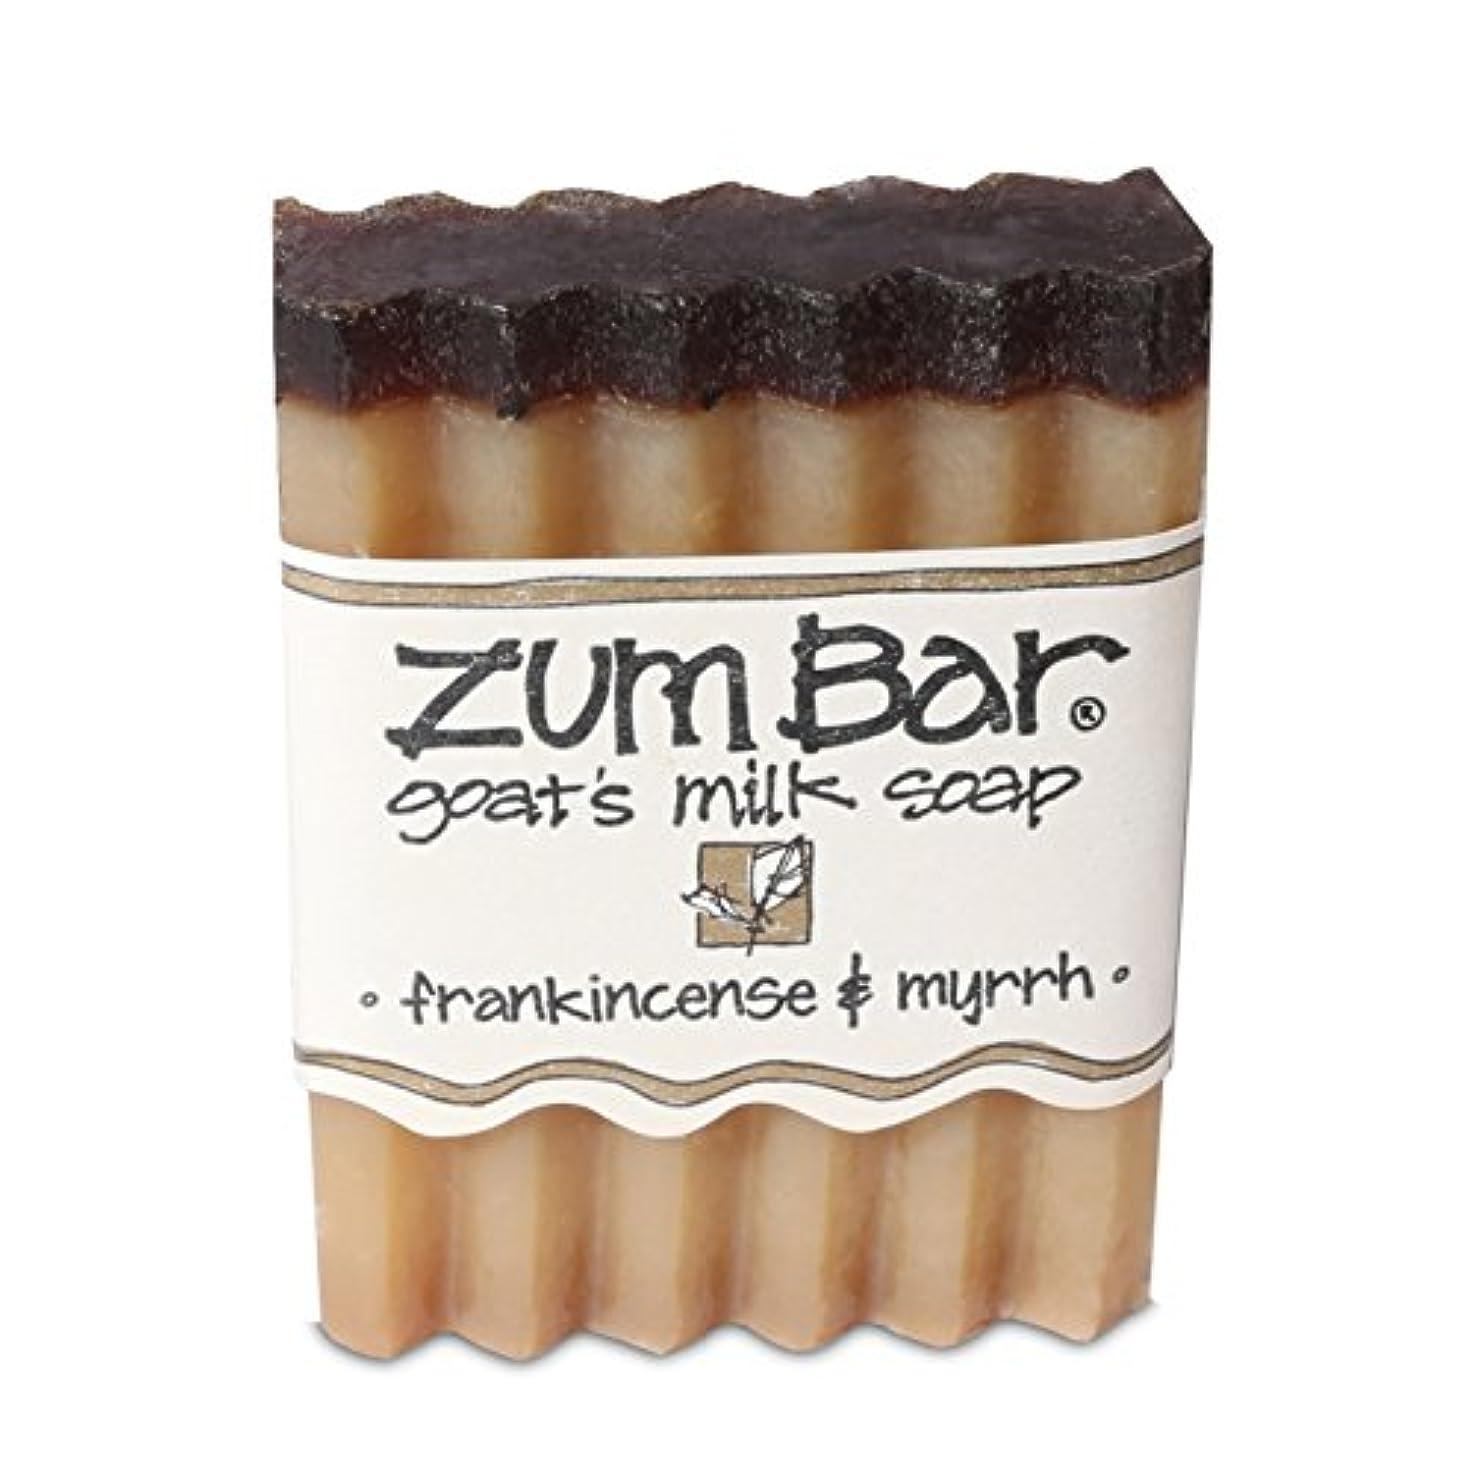 新聞閉じ込めるましい海外直送品 Indigo Wild, Zum Bar, Goat's ミルク ソープ フランキンセンス&ミルラ, 3 Ounces (2個セット) (Frankincense & Myrrh) [並行輸入品]